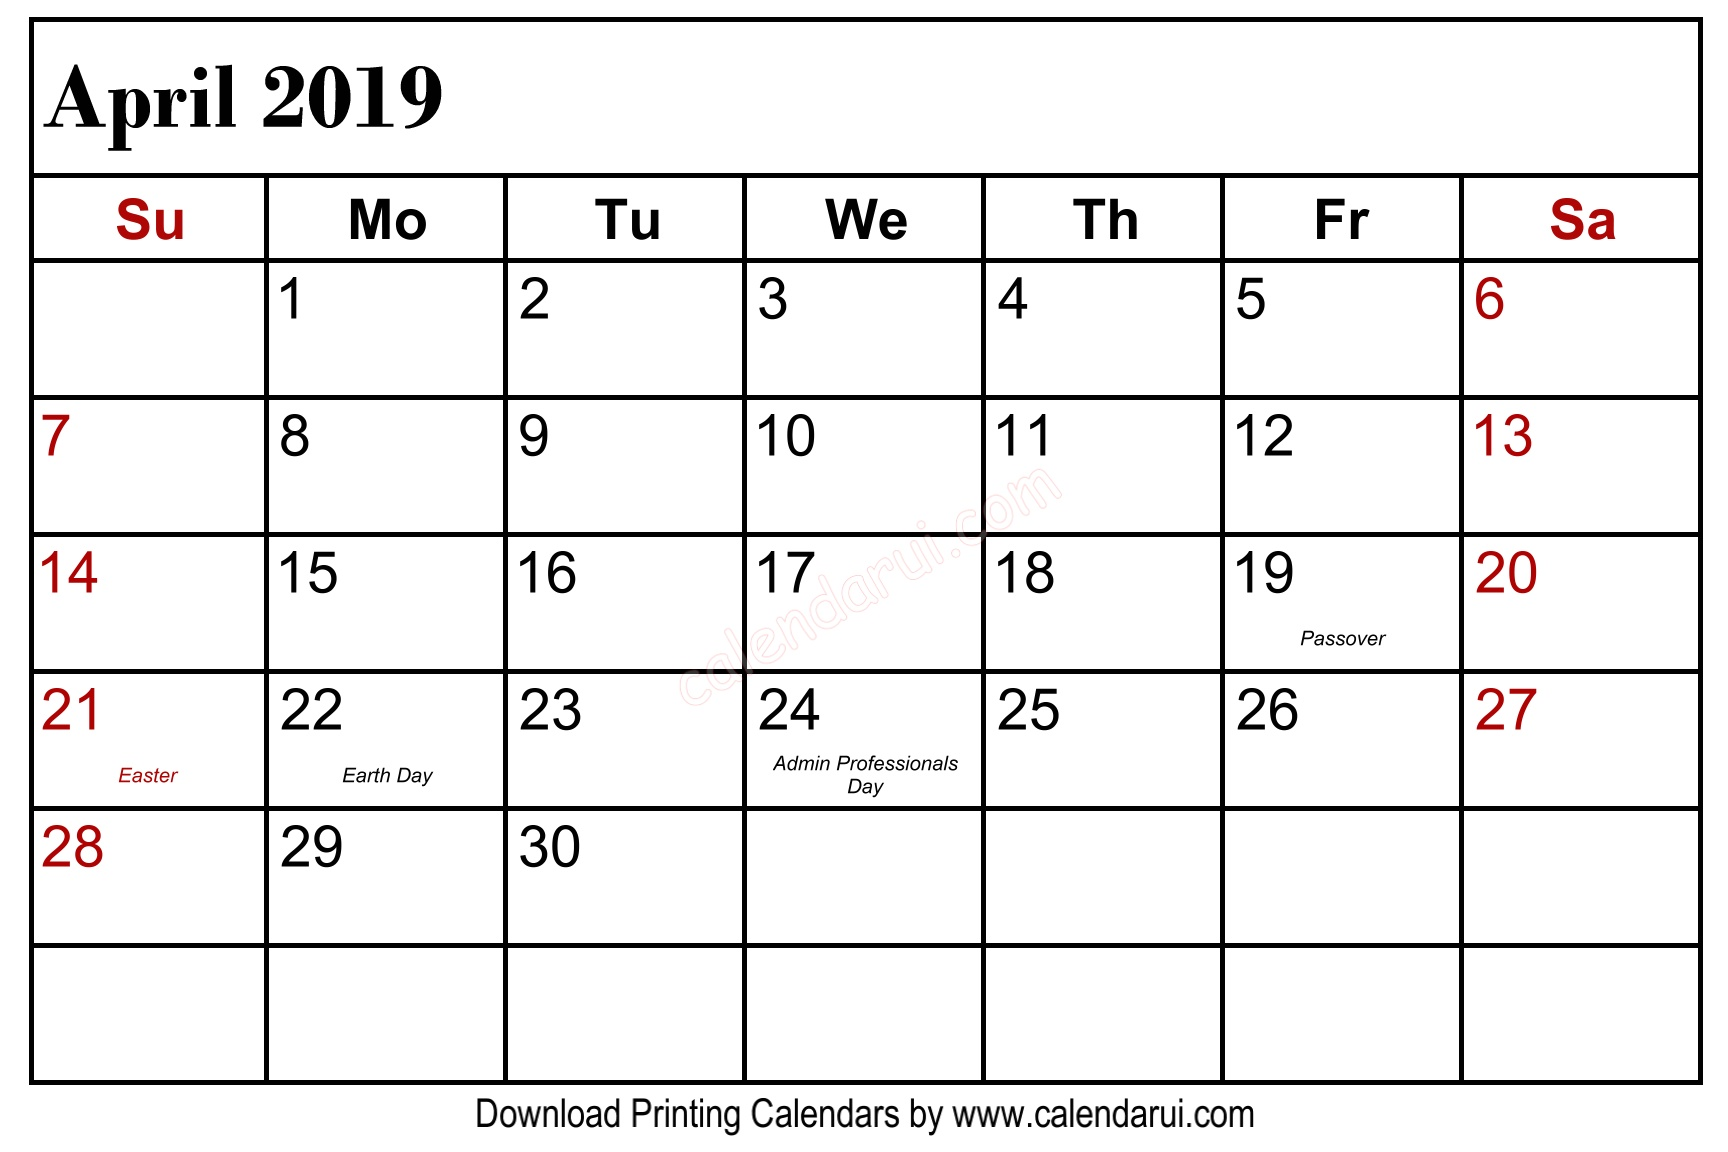 April 2019 Calendar Holidays USA Public Holidays